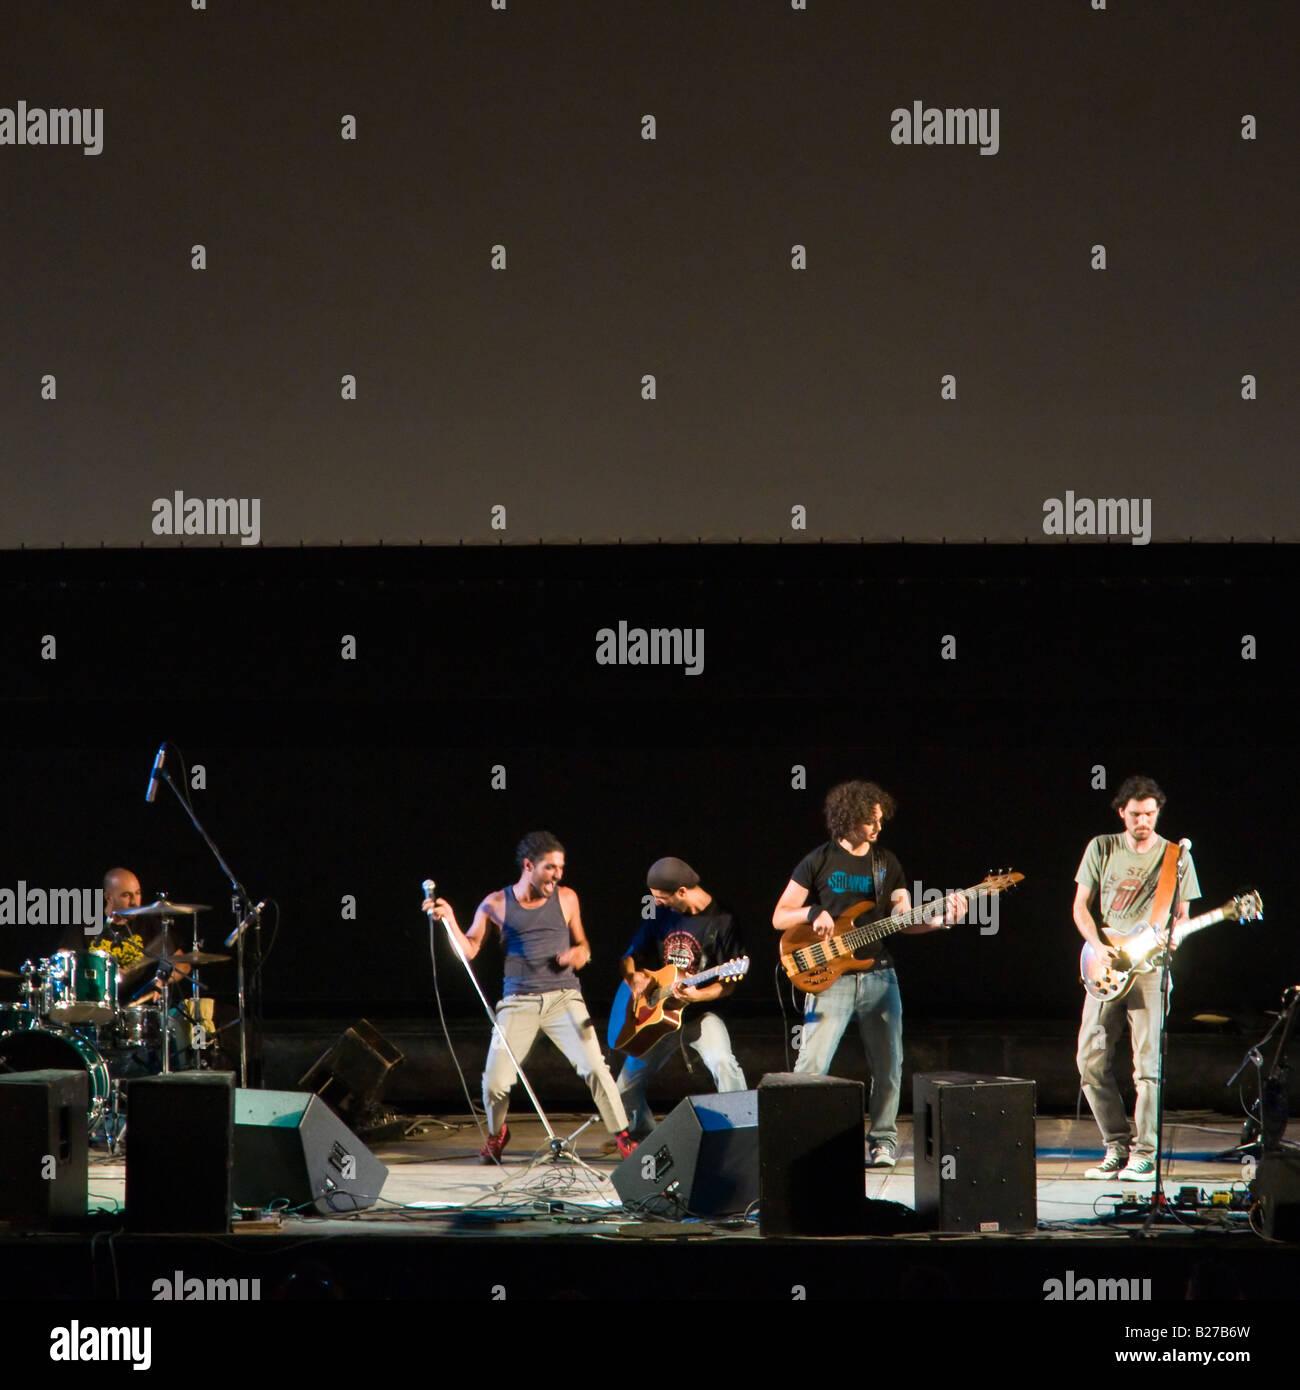 Israel Jerusalem Alter Bahnhof zusammengesetzte Outdoor-Rock-Konzert in der Nacht durch junge Rockband Hatavlinim Stockbild